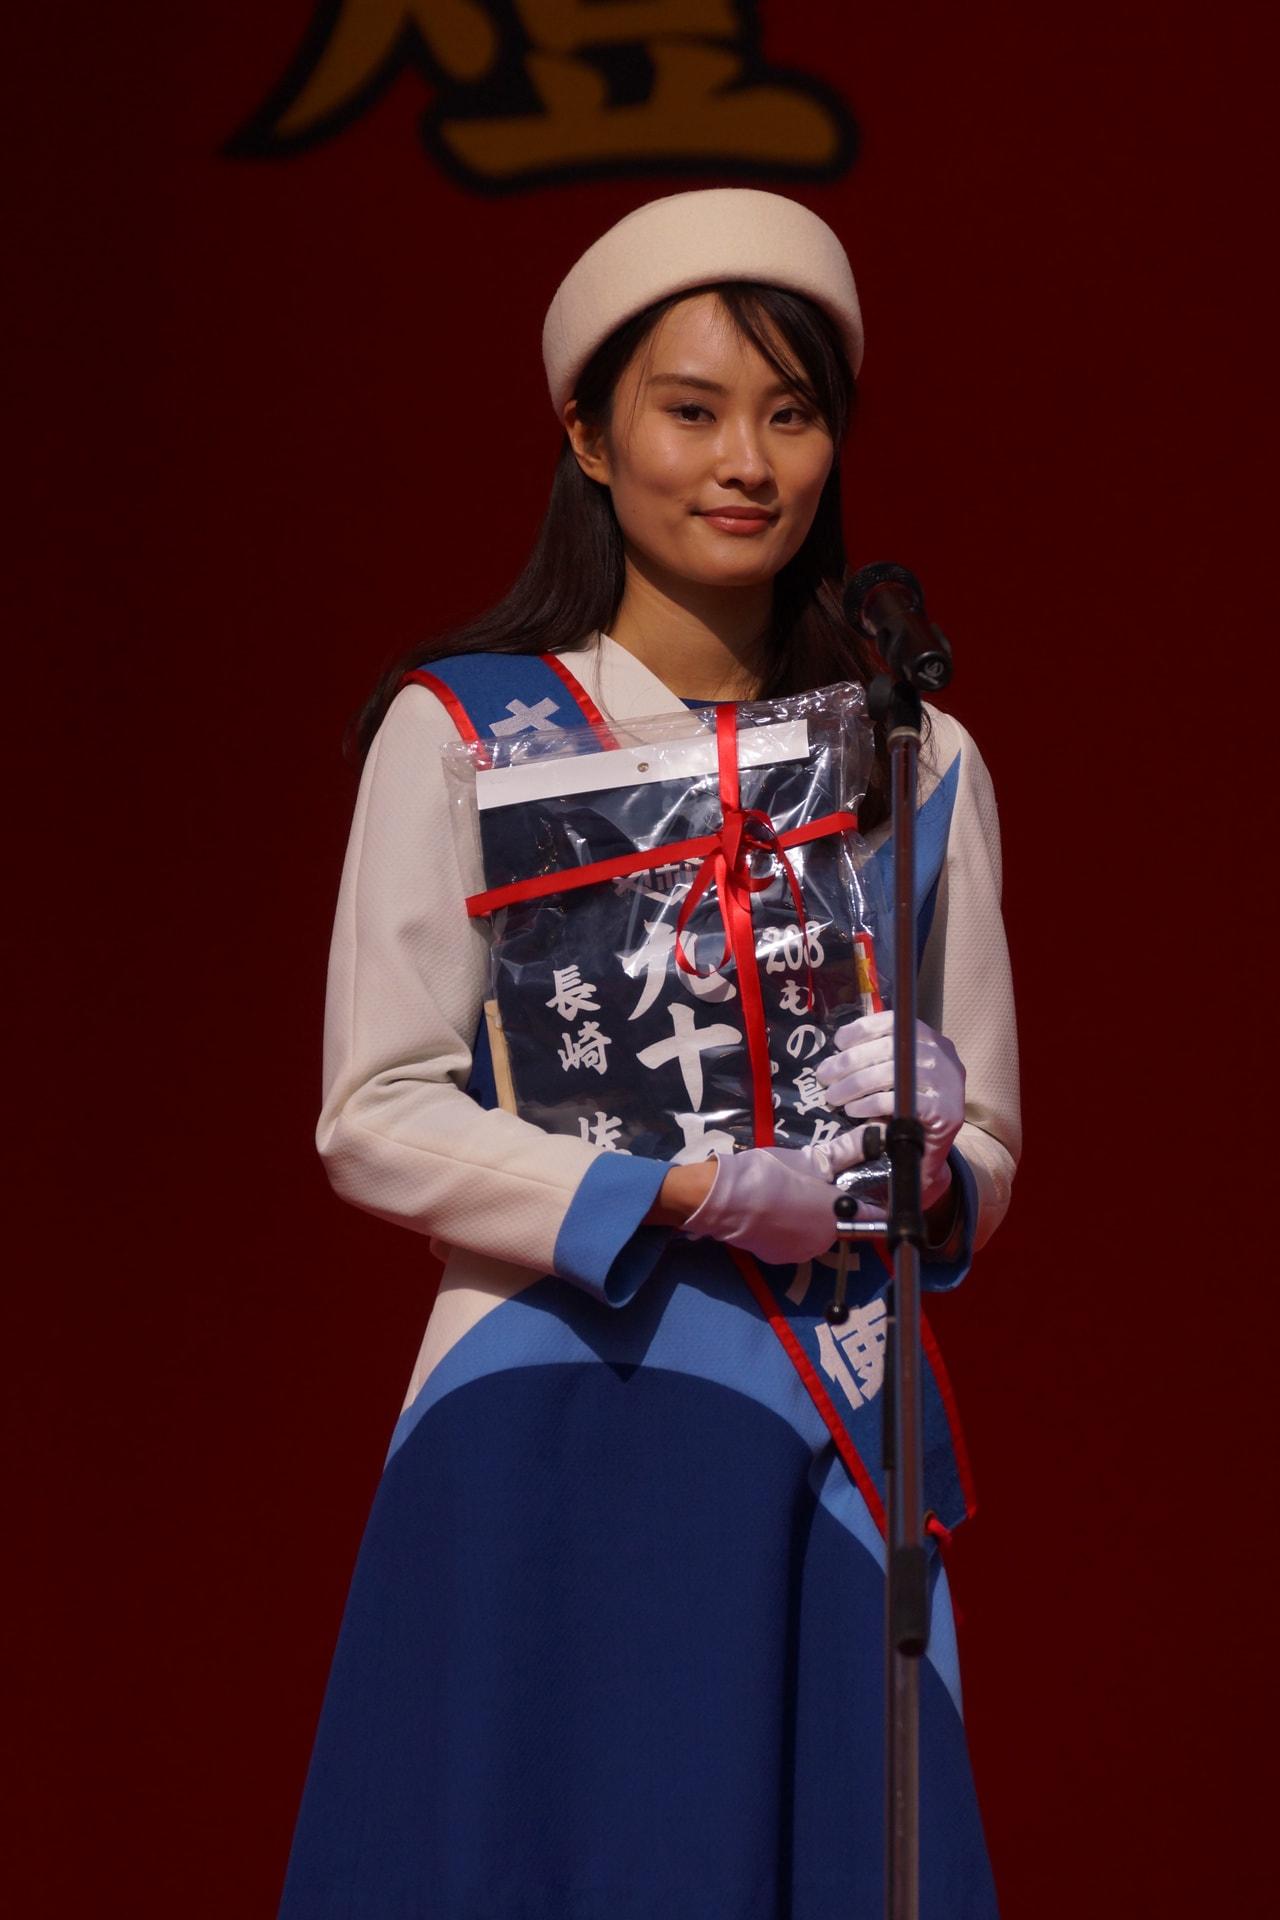 長崎 観光 大使